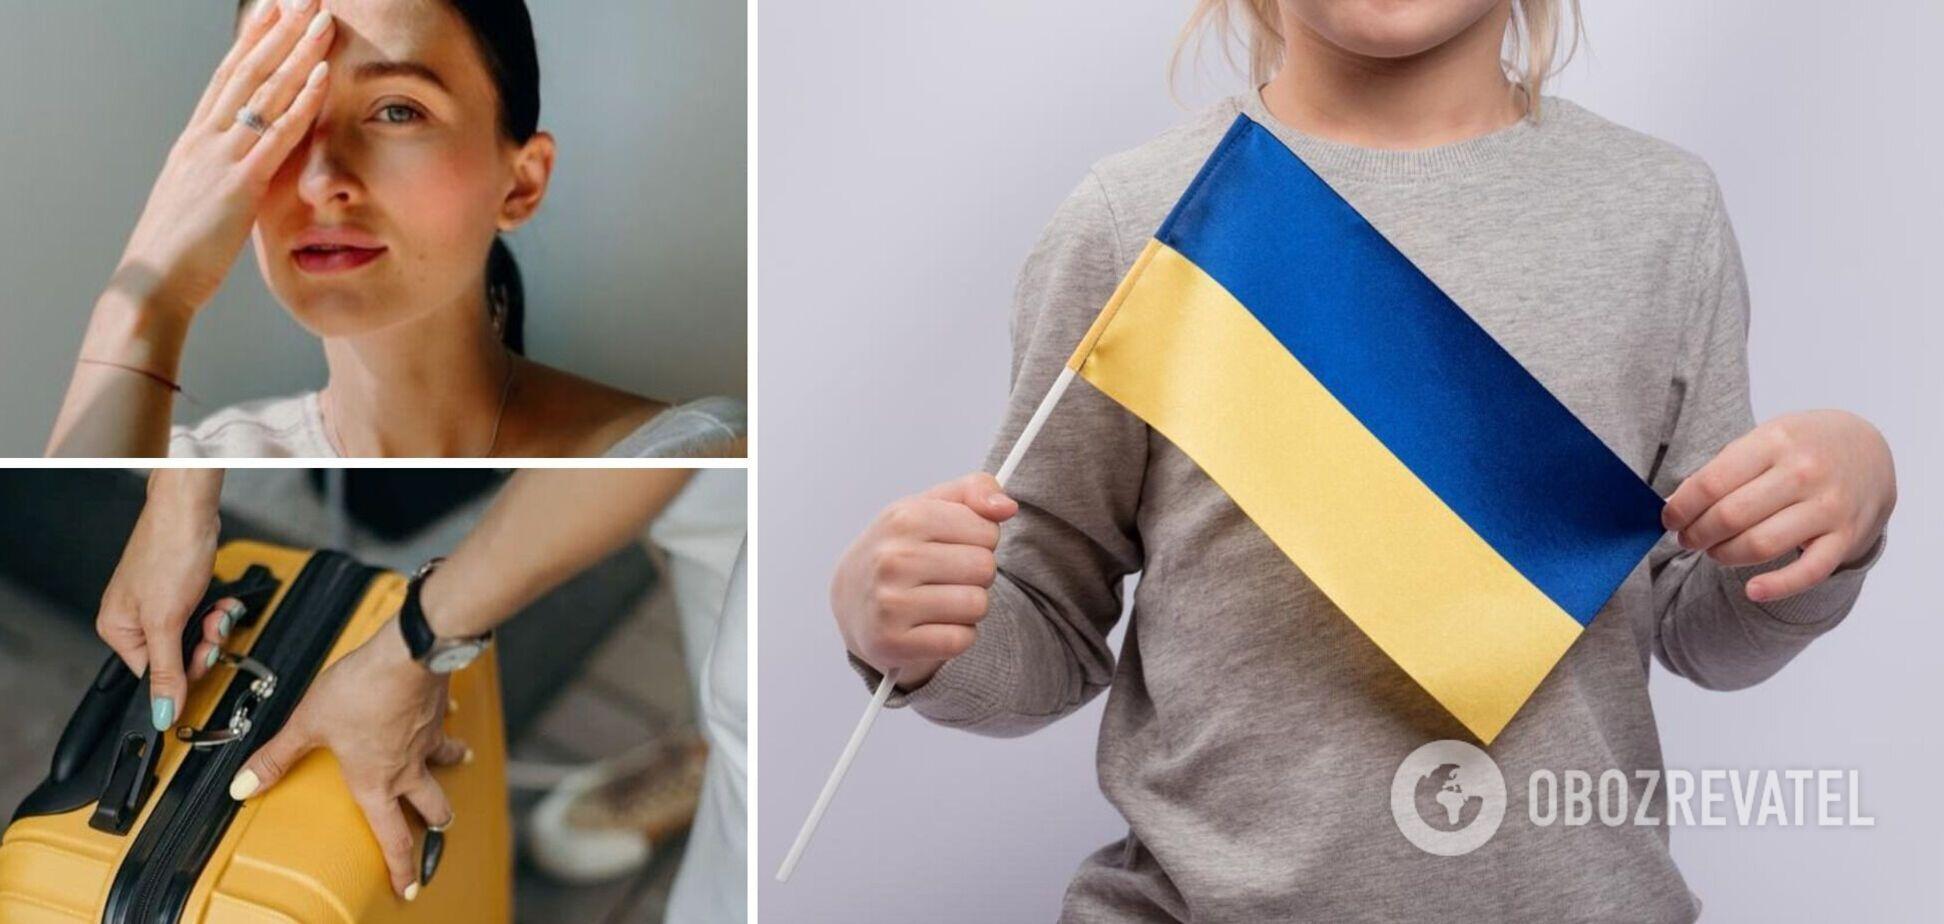 Українка зняла ролик у відповідь на мовний закон і потрапила в скандал. Відео